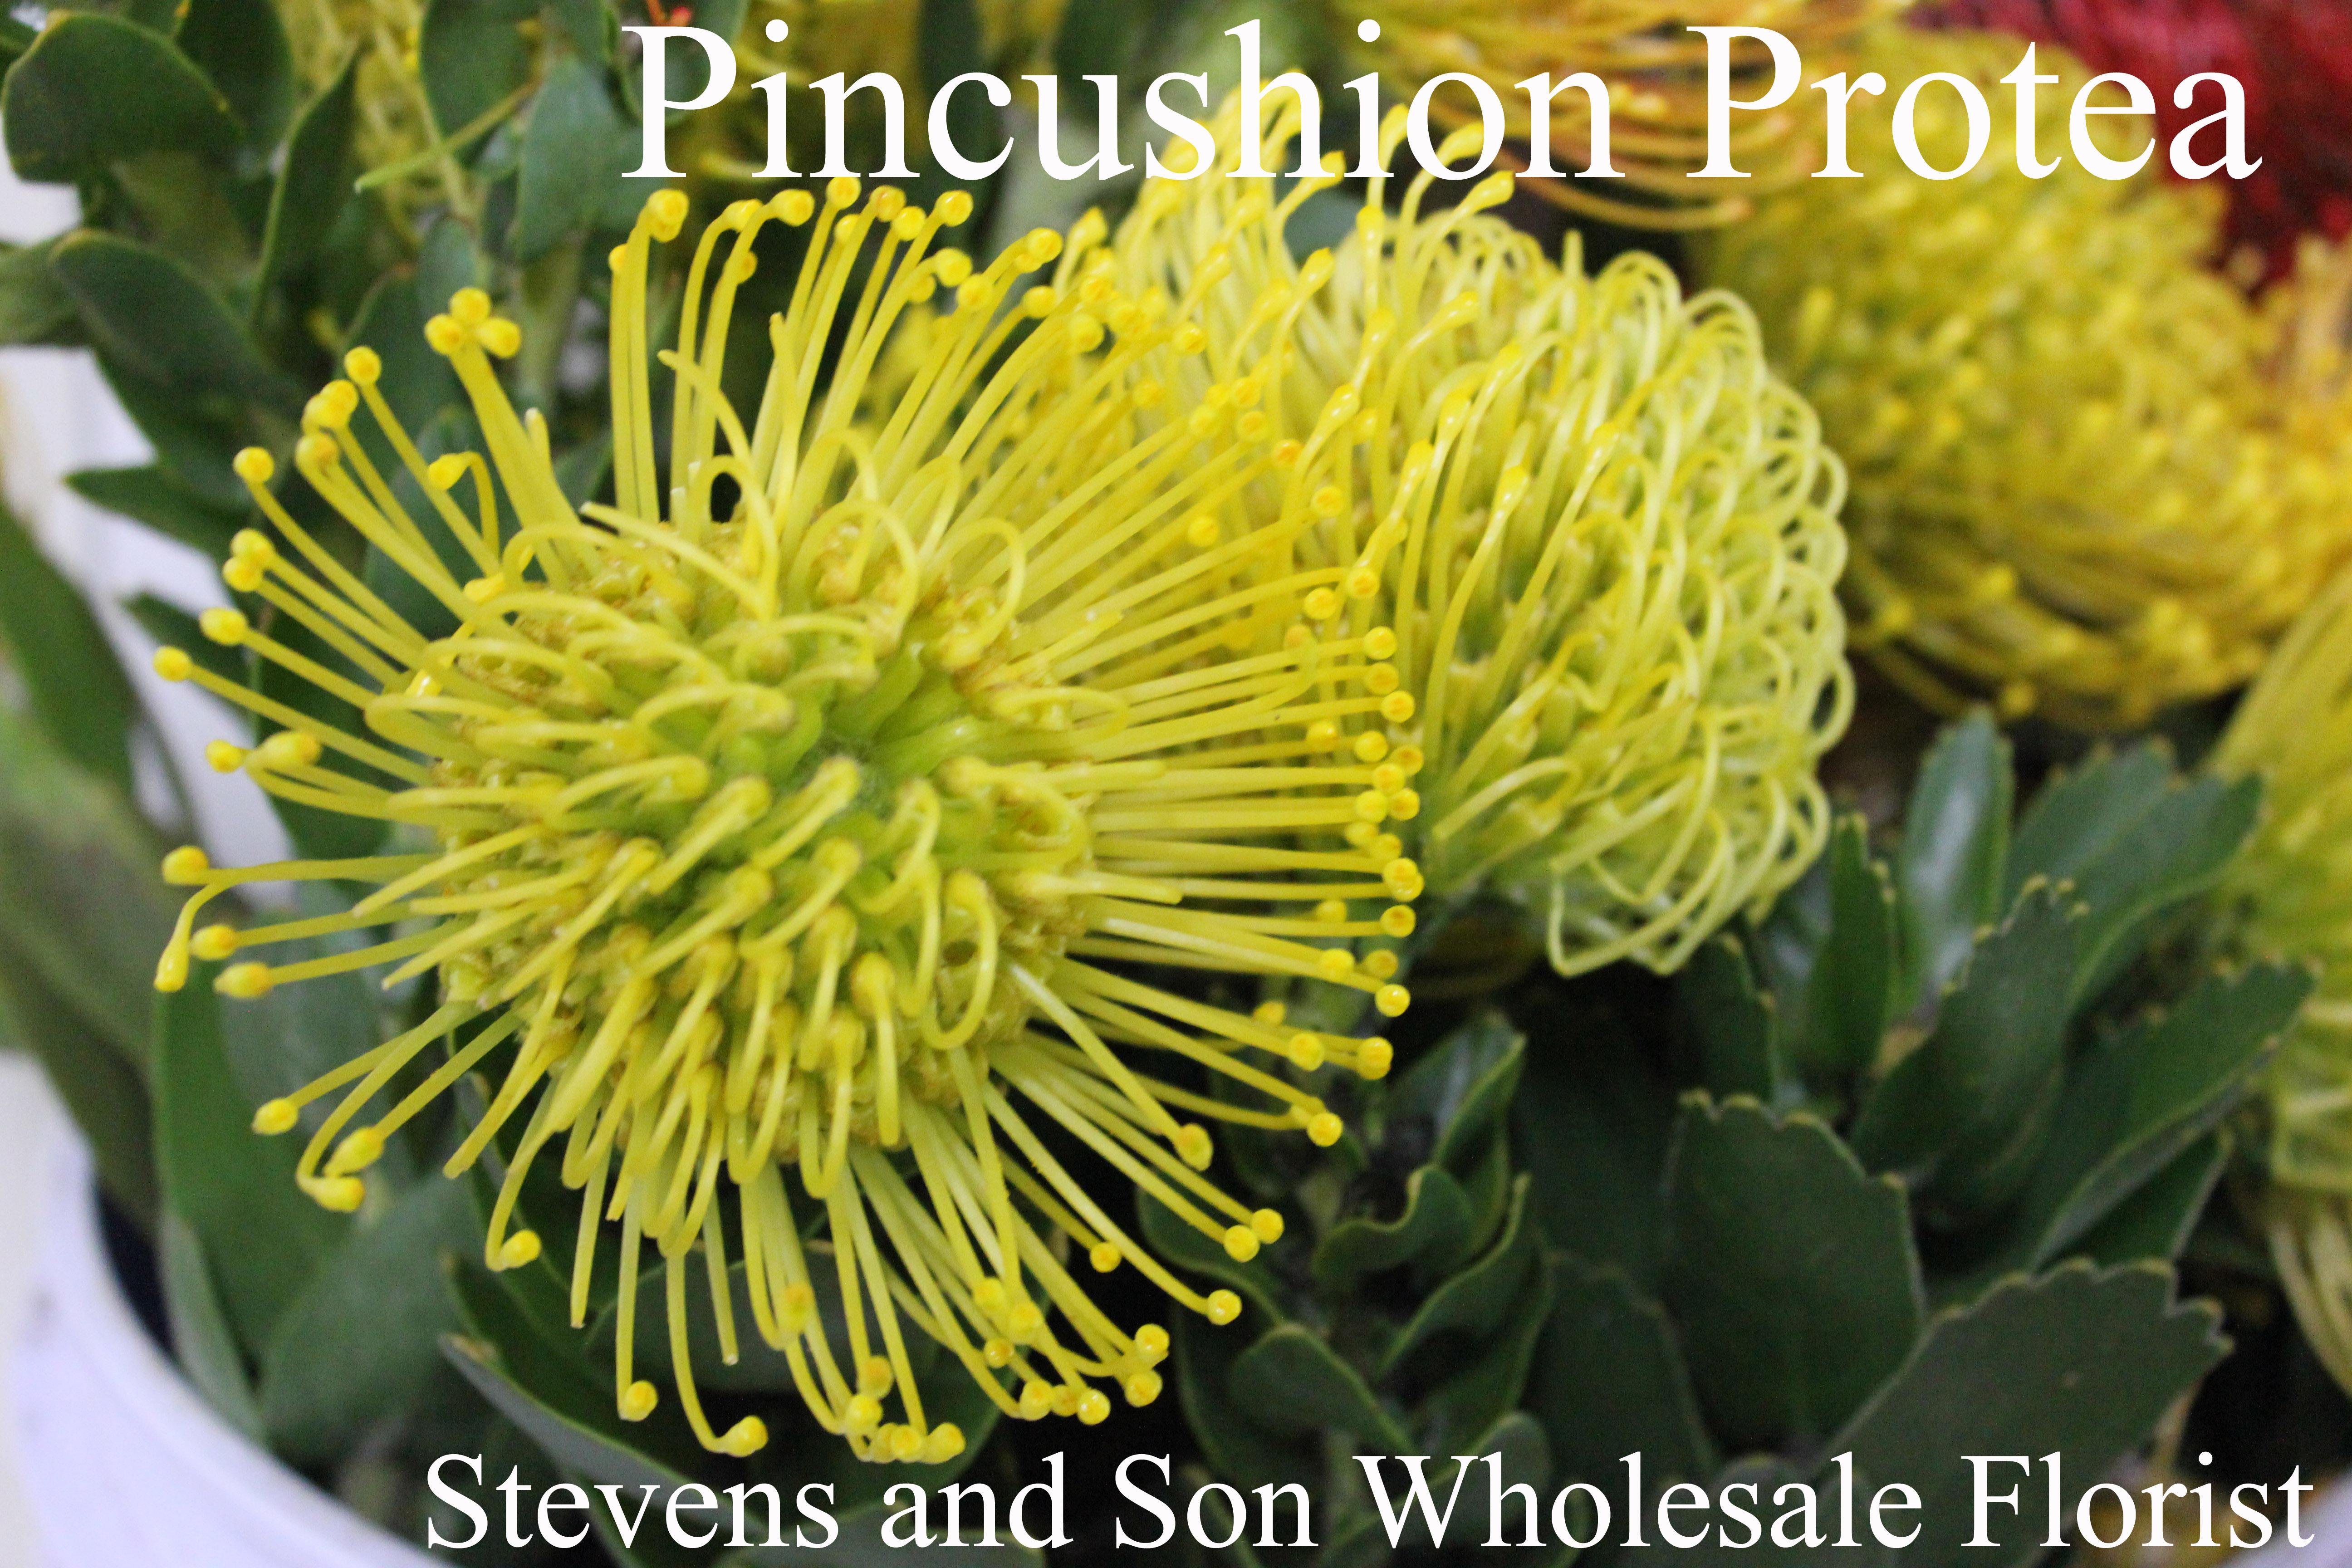 Pincushion Protea Stevens And Son Wholesale Florist